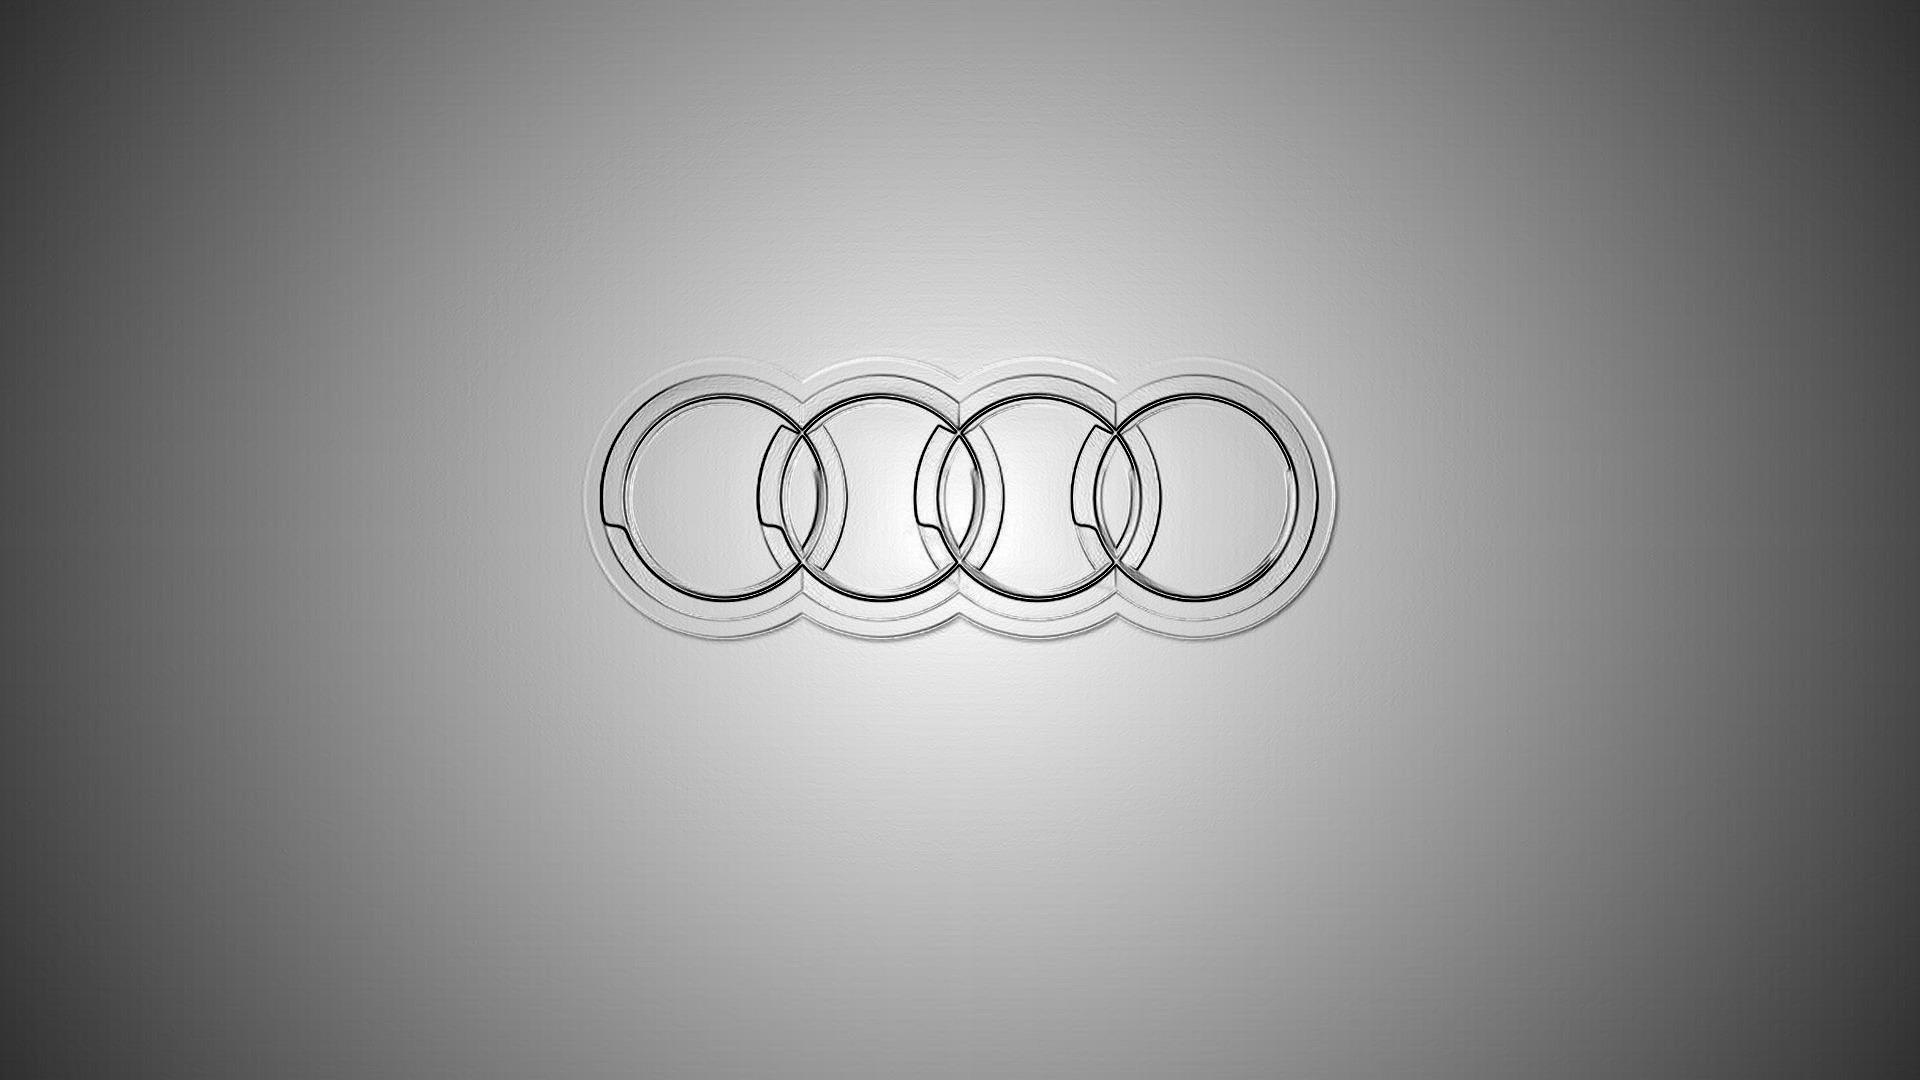 15301 Audi Logo Full HD Wallpaper 19201080 1920x1080